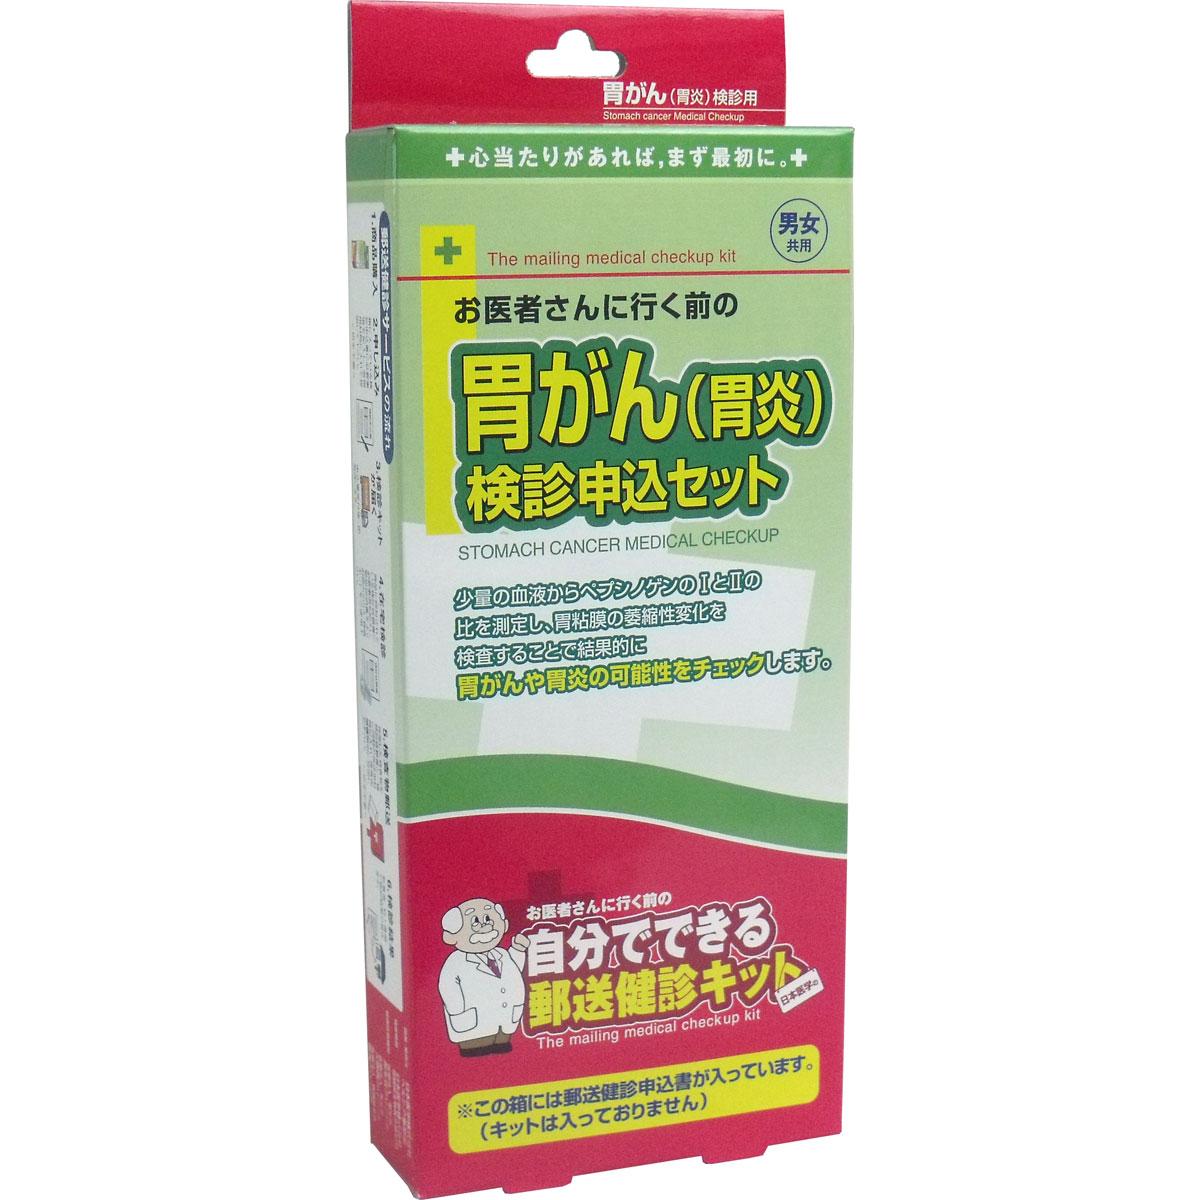 郵送検診キット 胃がん(胃炎) 検診申込セットの商品画像